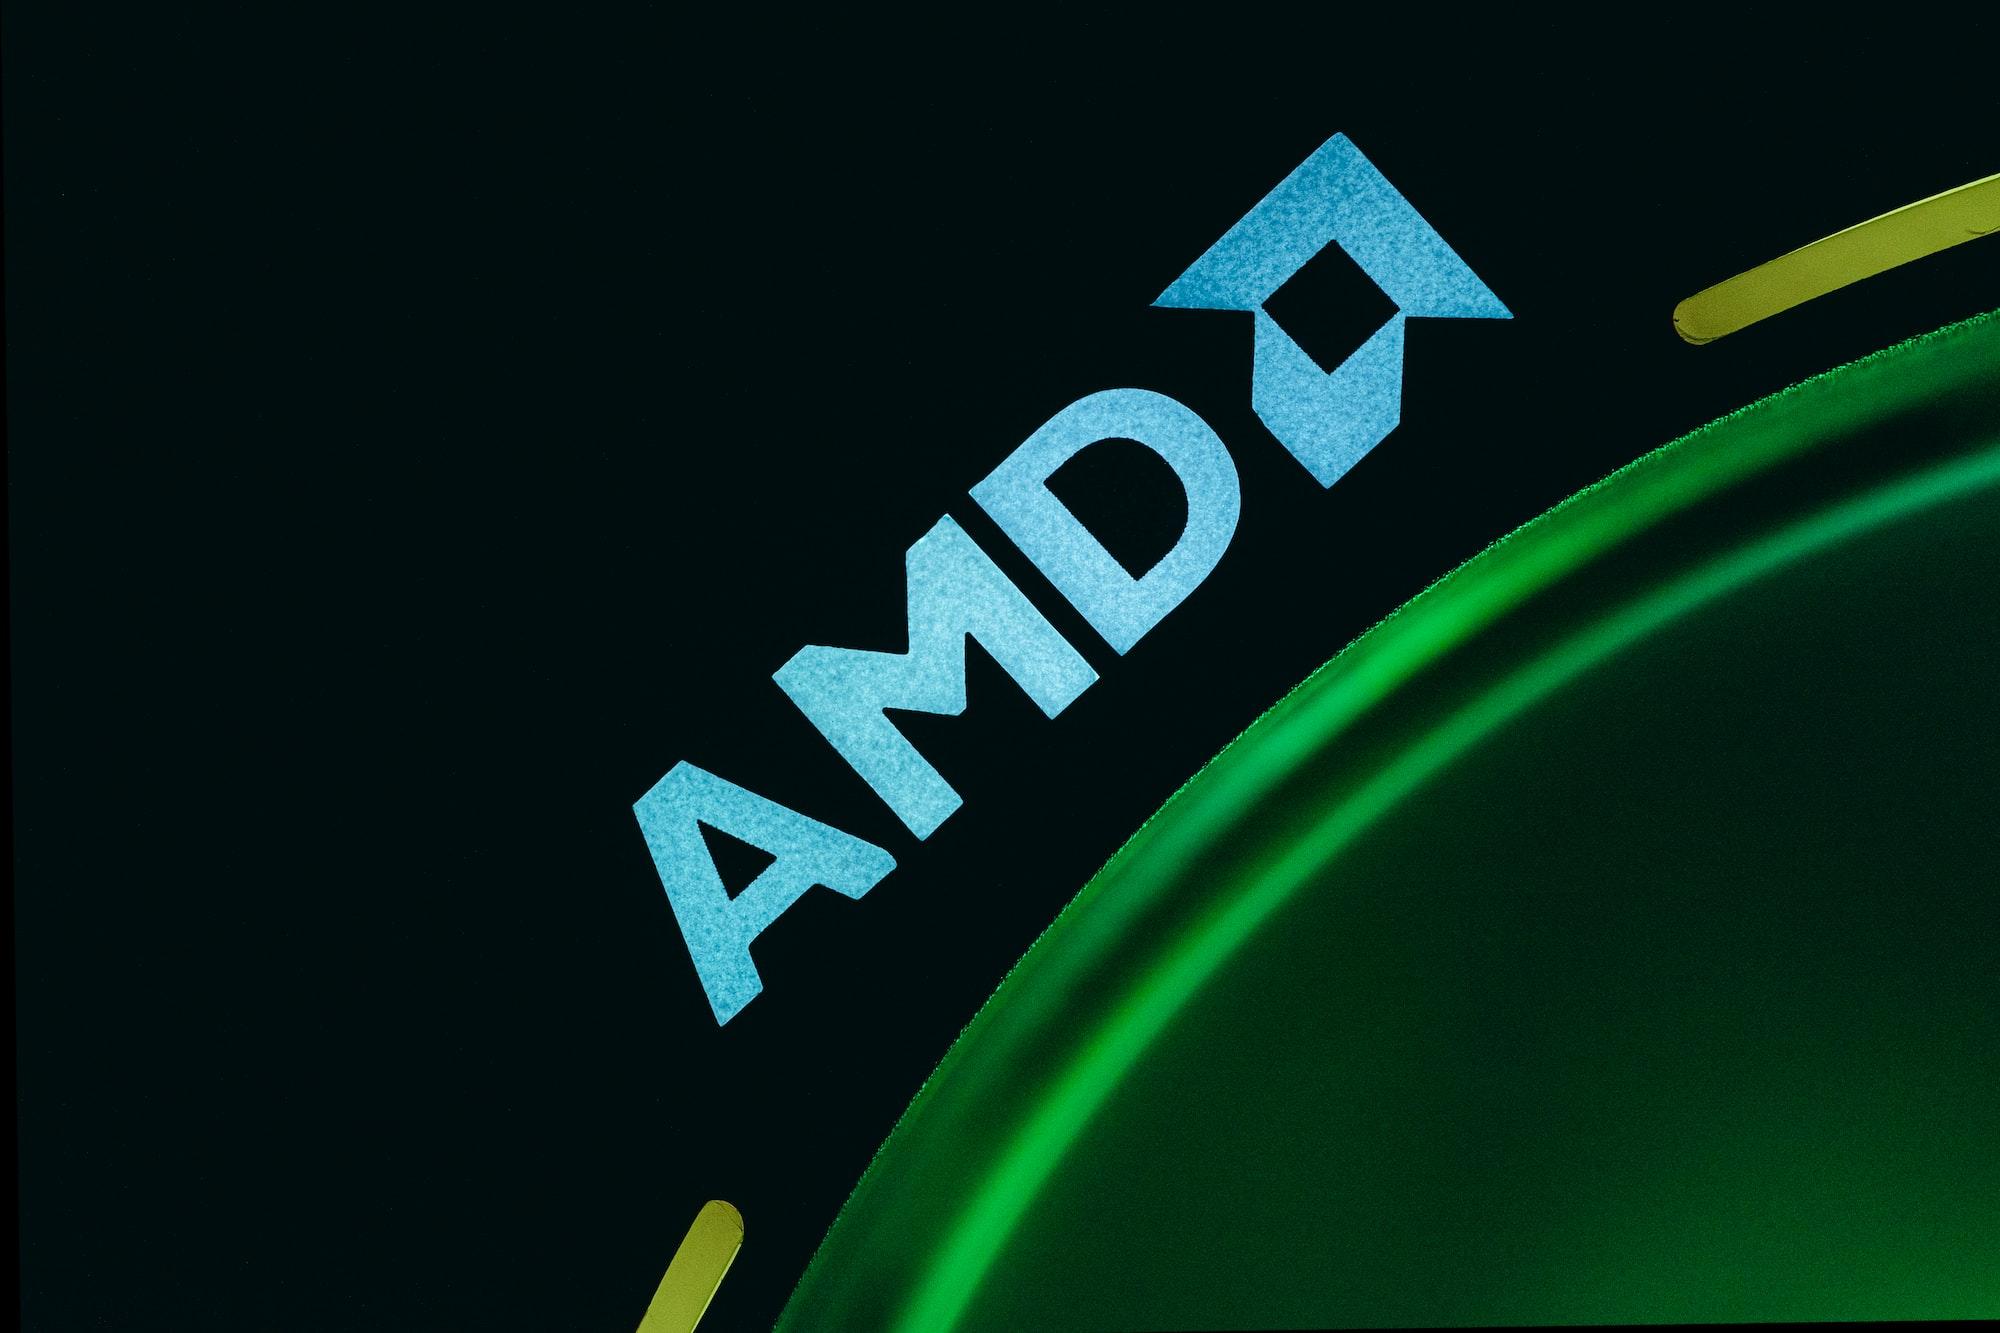 Na Computex 2021, AMD lança gráficos móveis baseados em RDNA 2